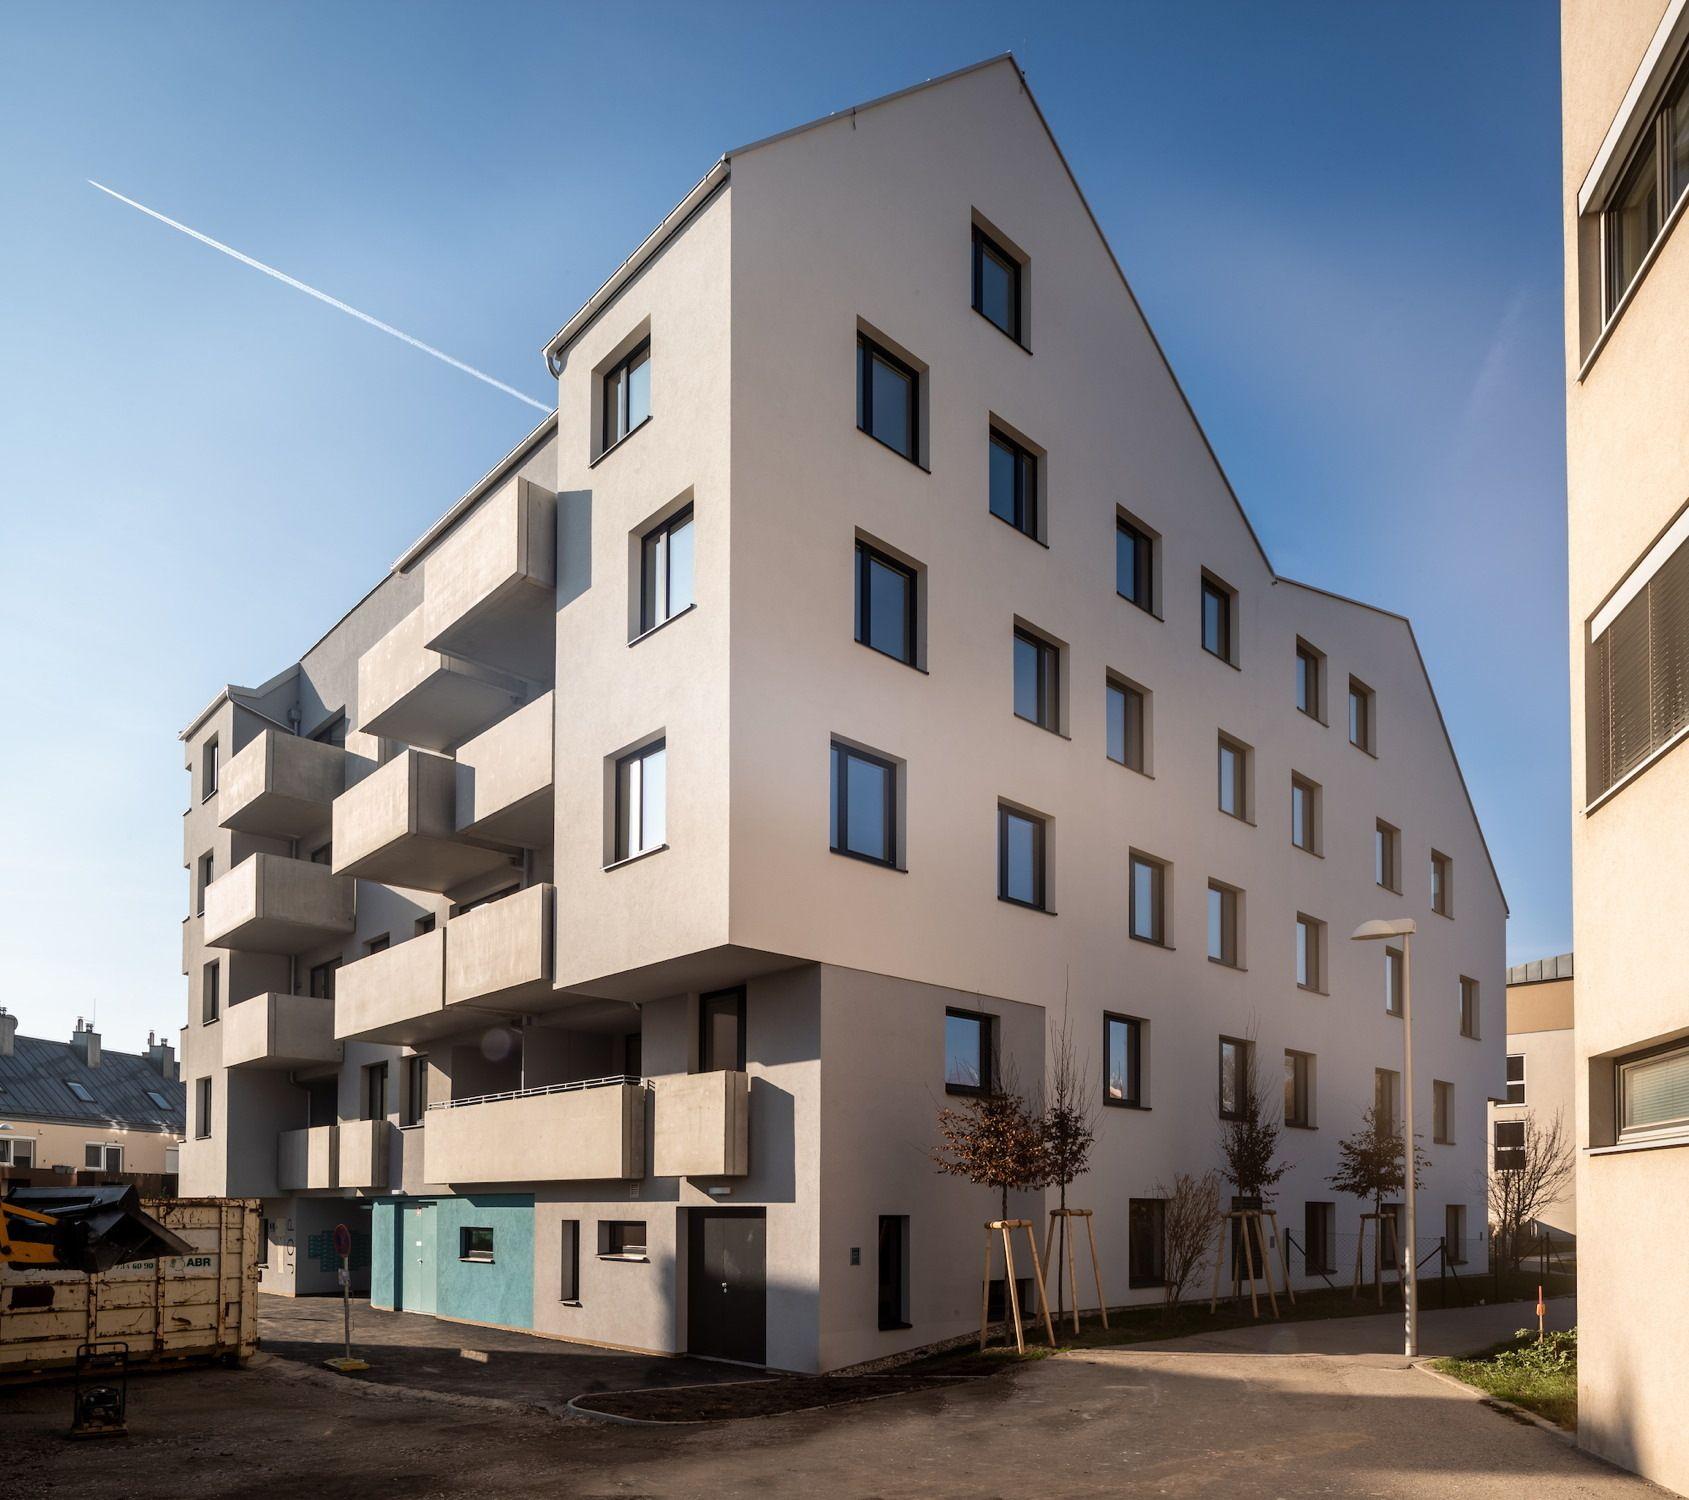 Hochskaliert in Wien – Sozialer Wohnungsbau von Gerner Gerner Plus